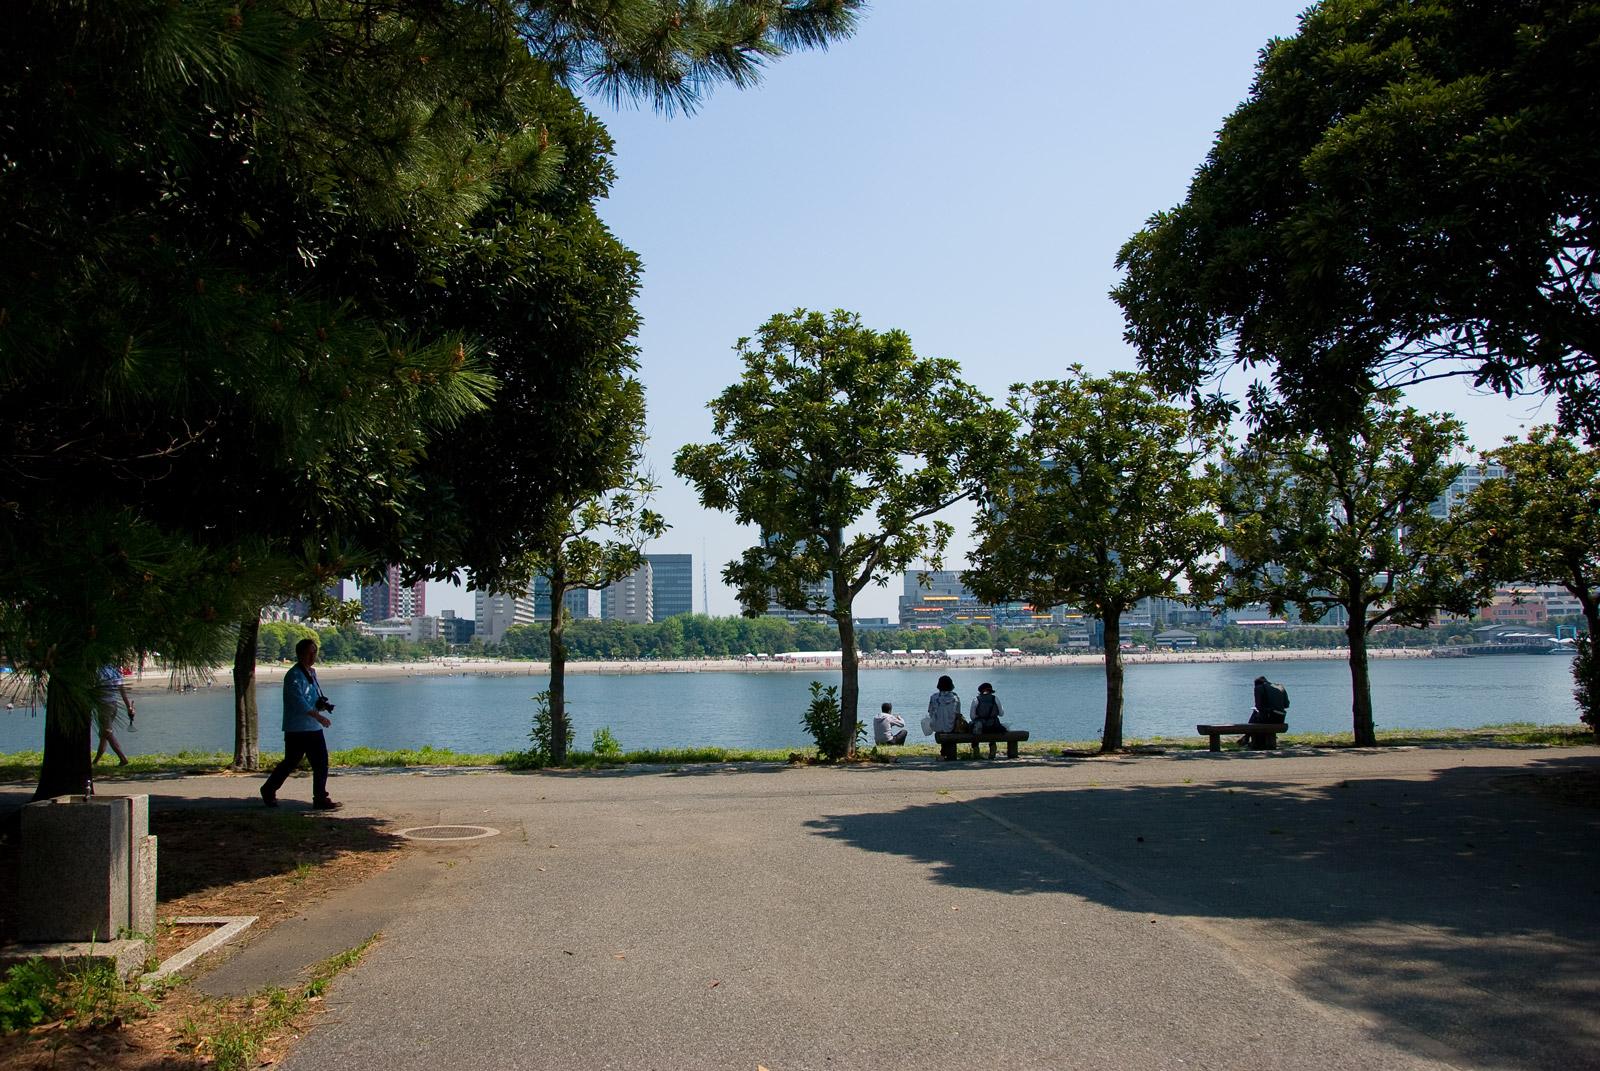 【2016年7月-8月最新版!】東京都、直近3年での路線価上昇ランキング上位の20エリア